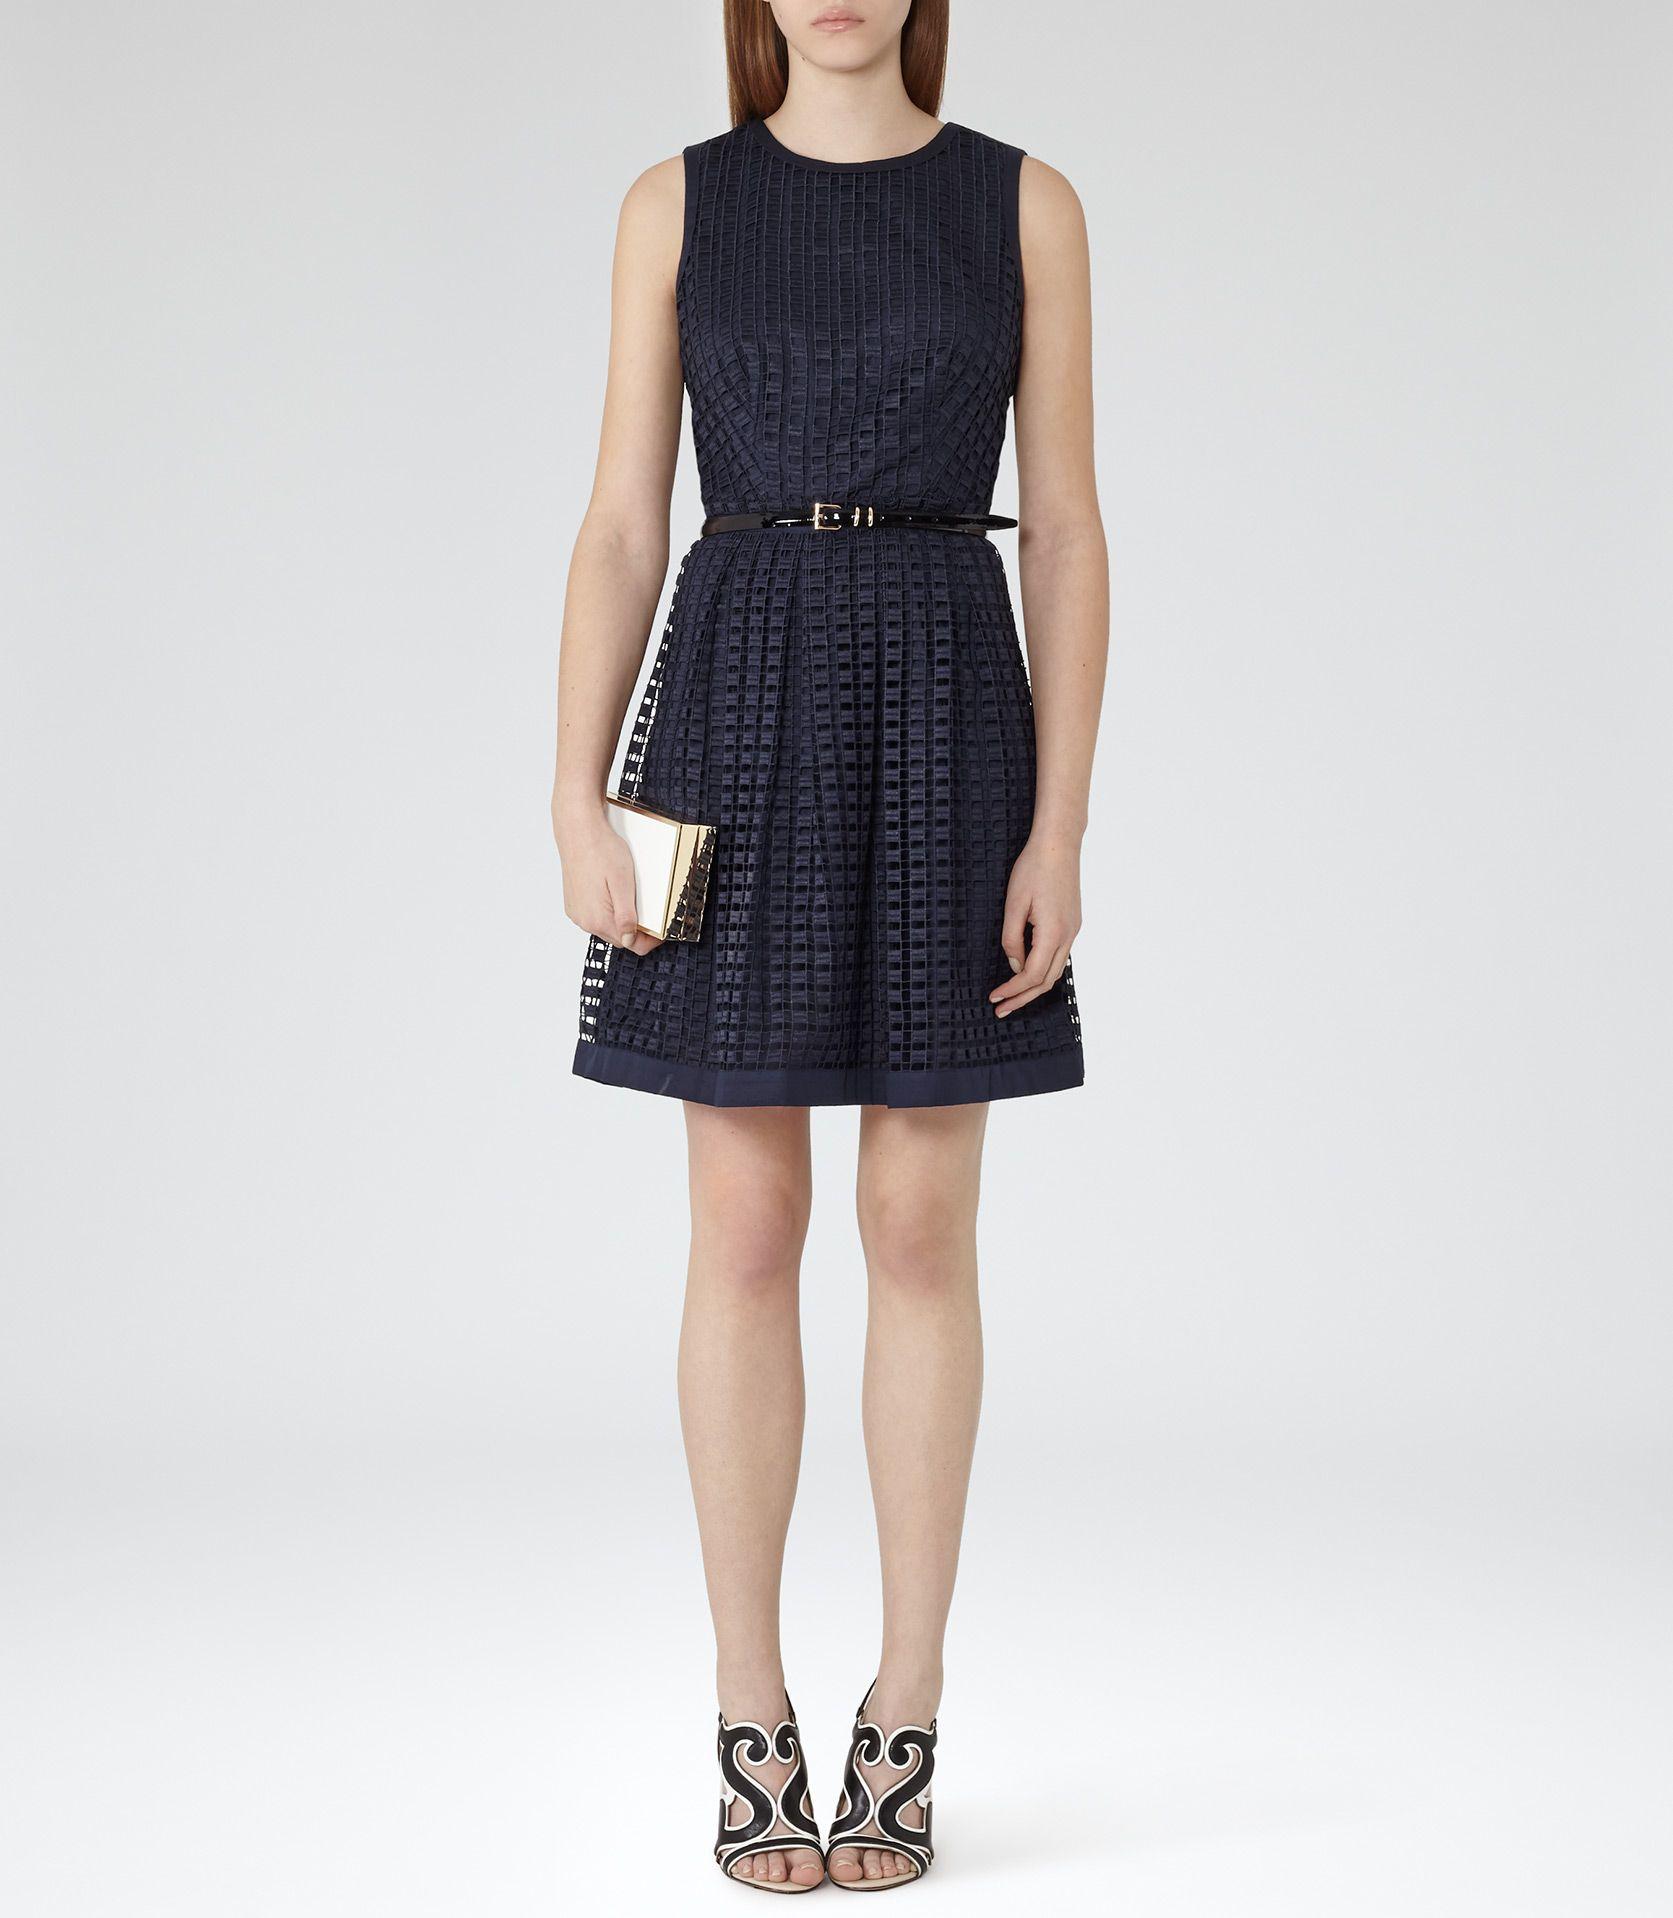 DRESSES - Short dresses Aishha T15721eU4s